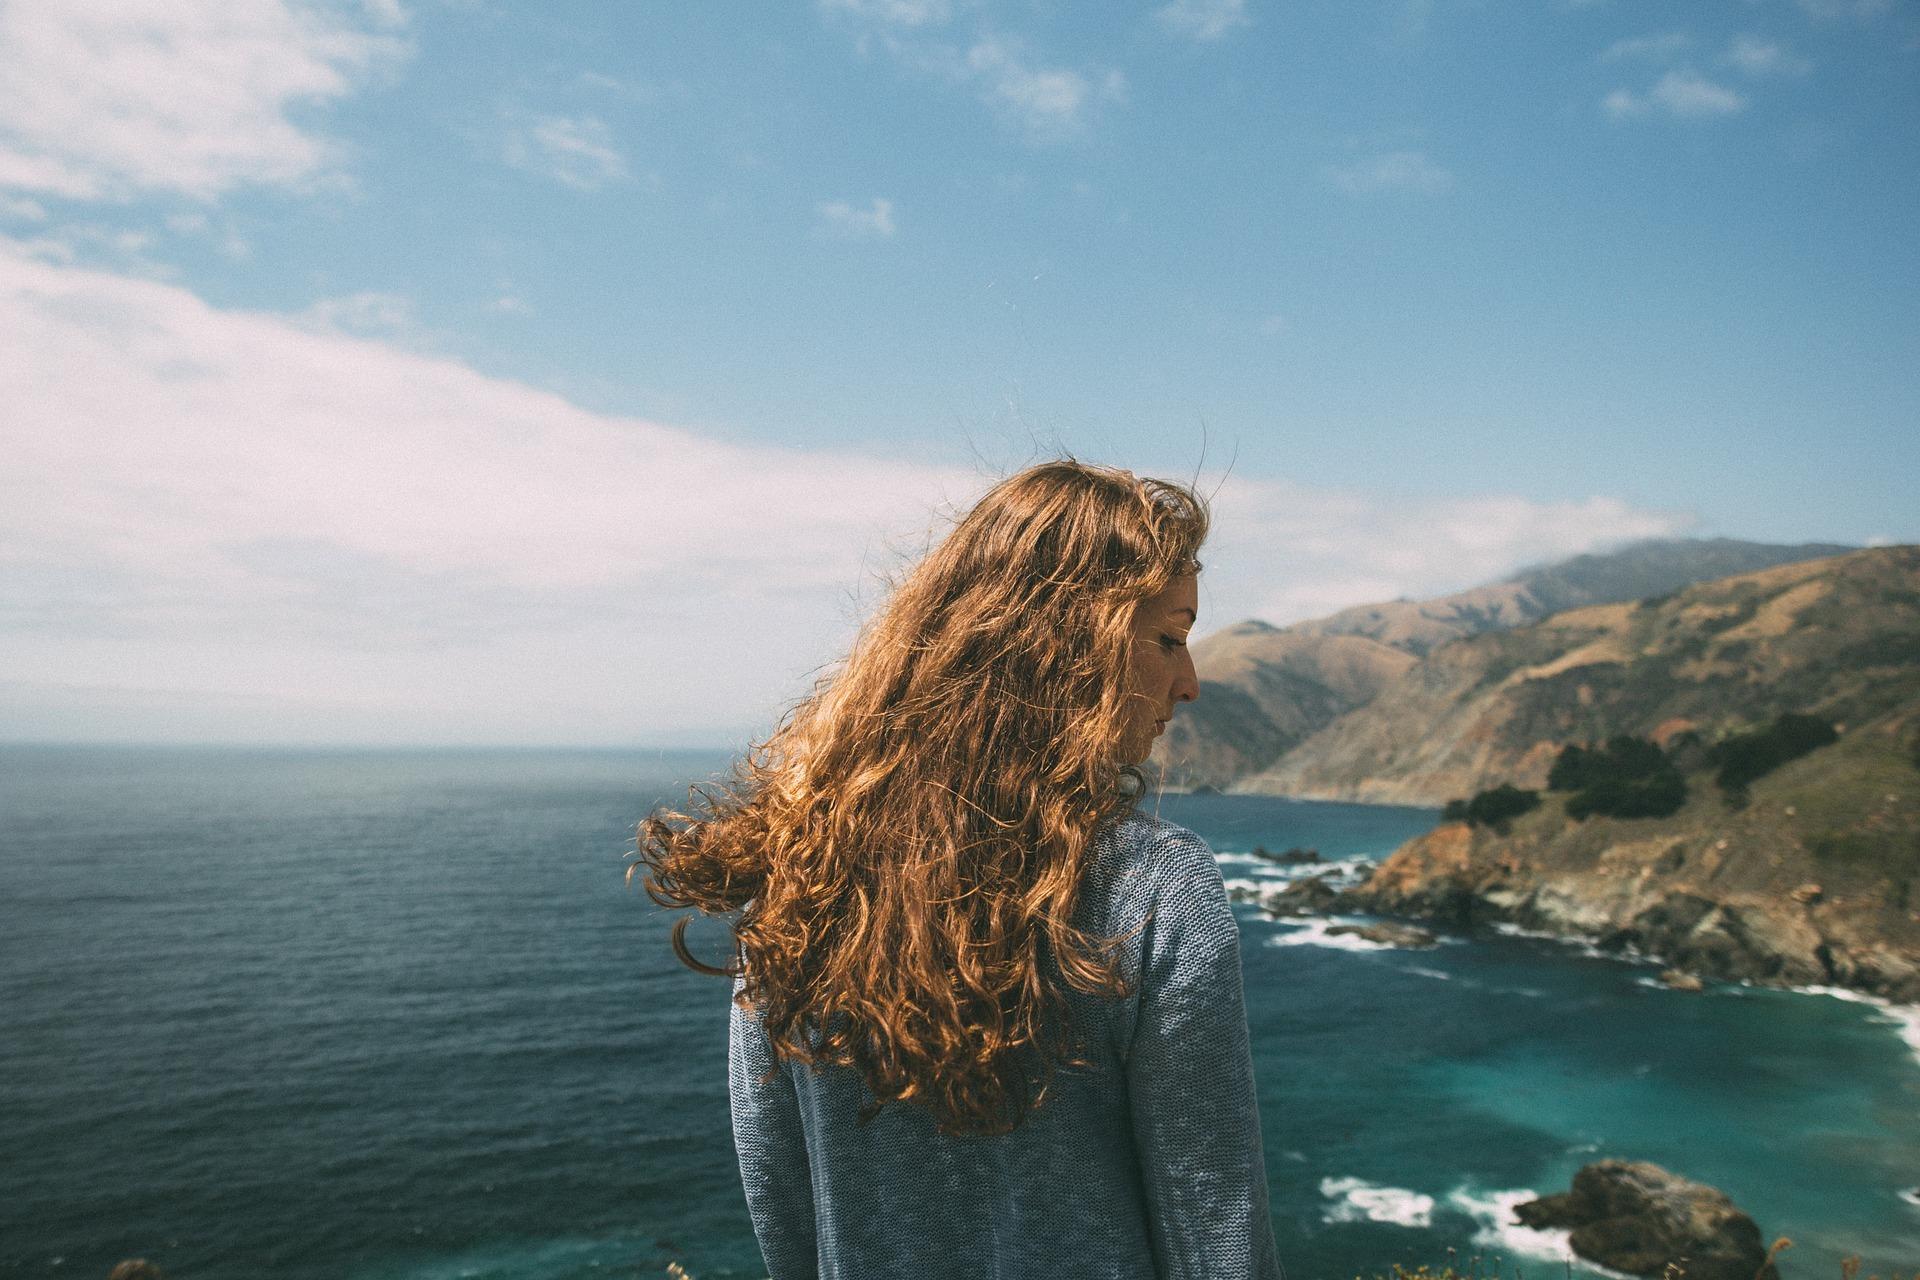 proteggere i capelli da sole